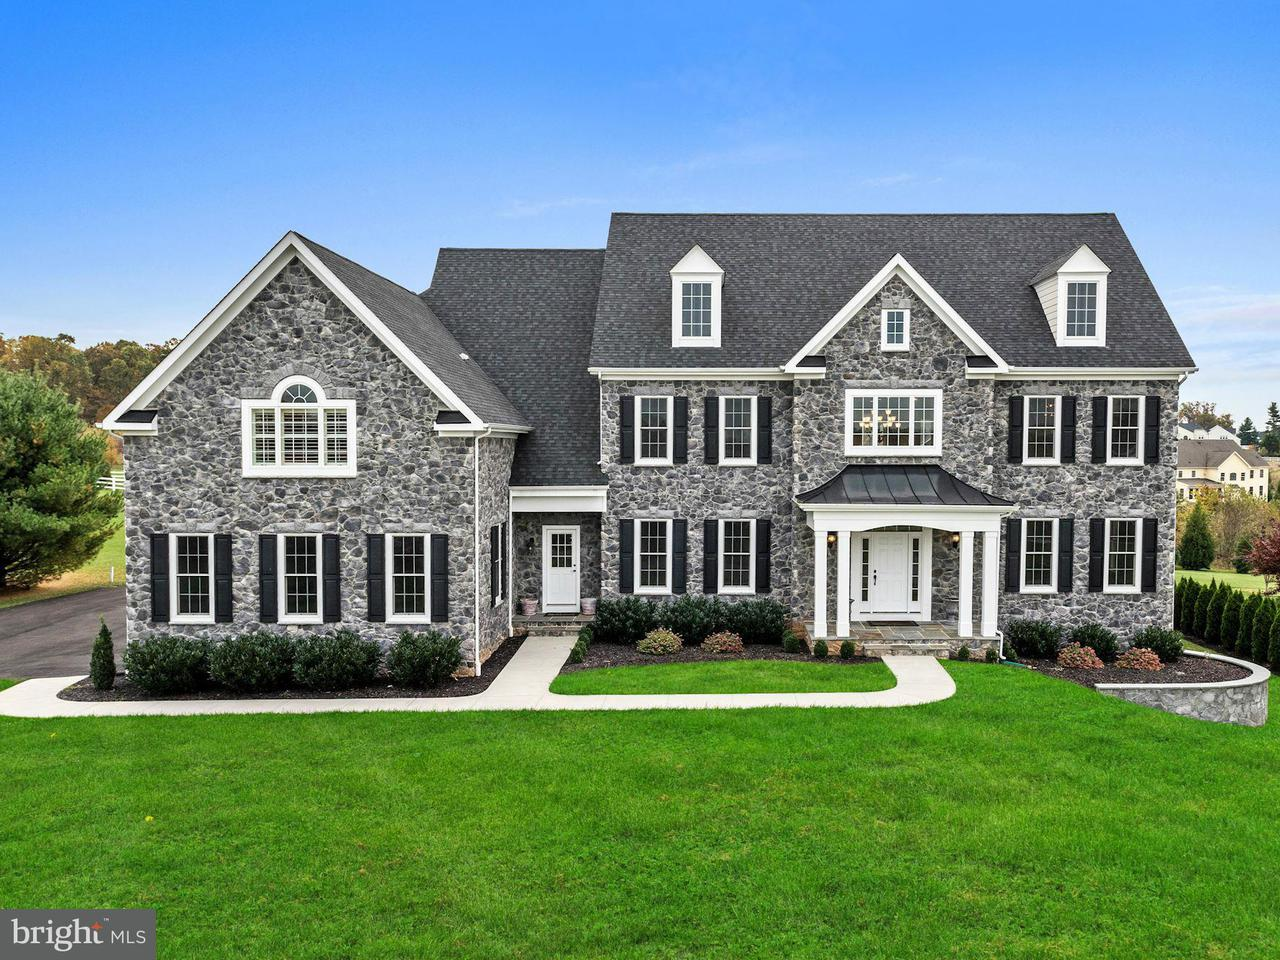 Einfamilienhaus für Verkauf beim 3915 CLARKS MEADOW Drive 3915 CLARKS MEADOW Drive Glenwood, Maryland 21738 Vereinigte Staaten